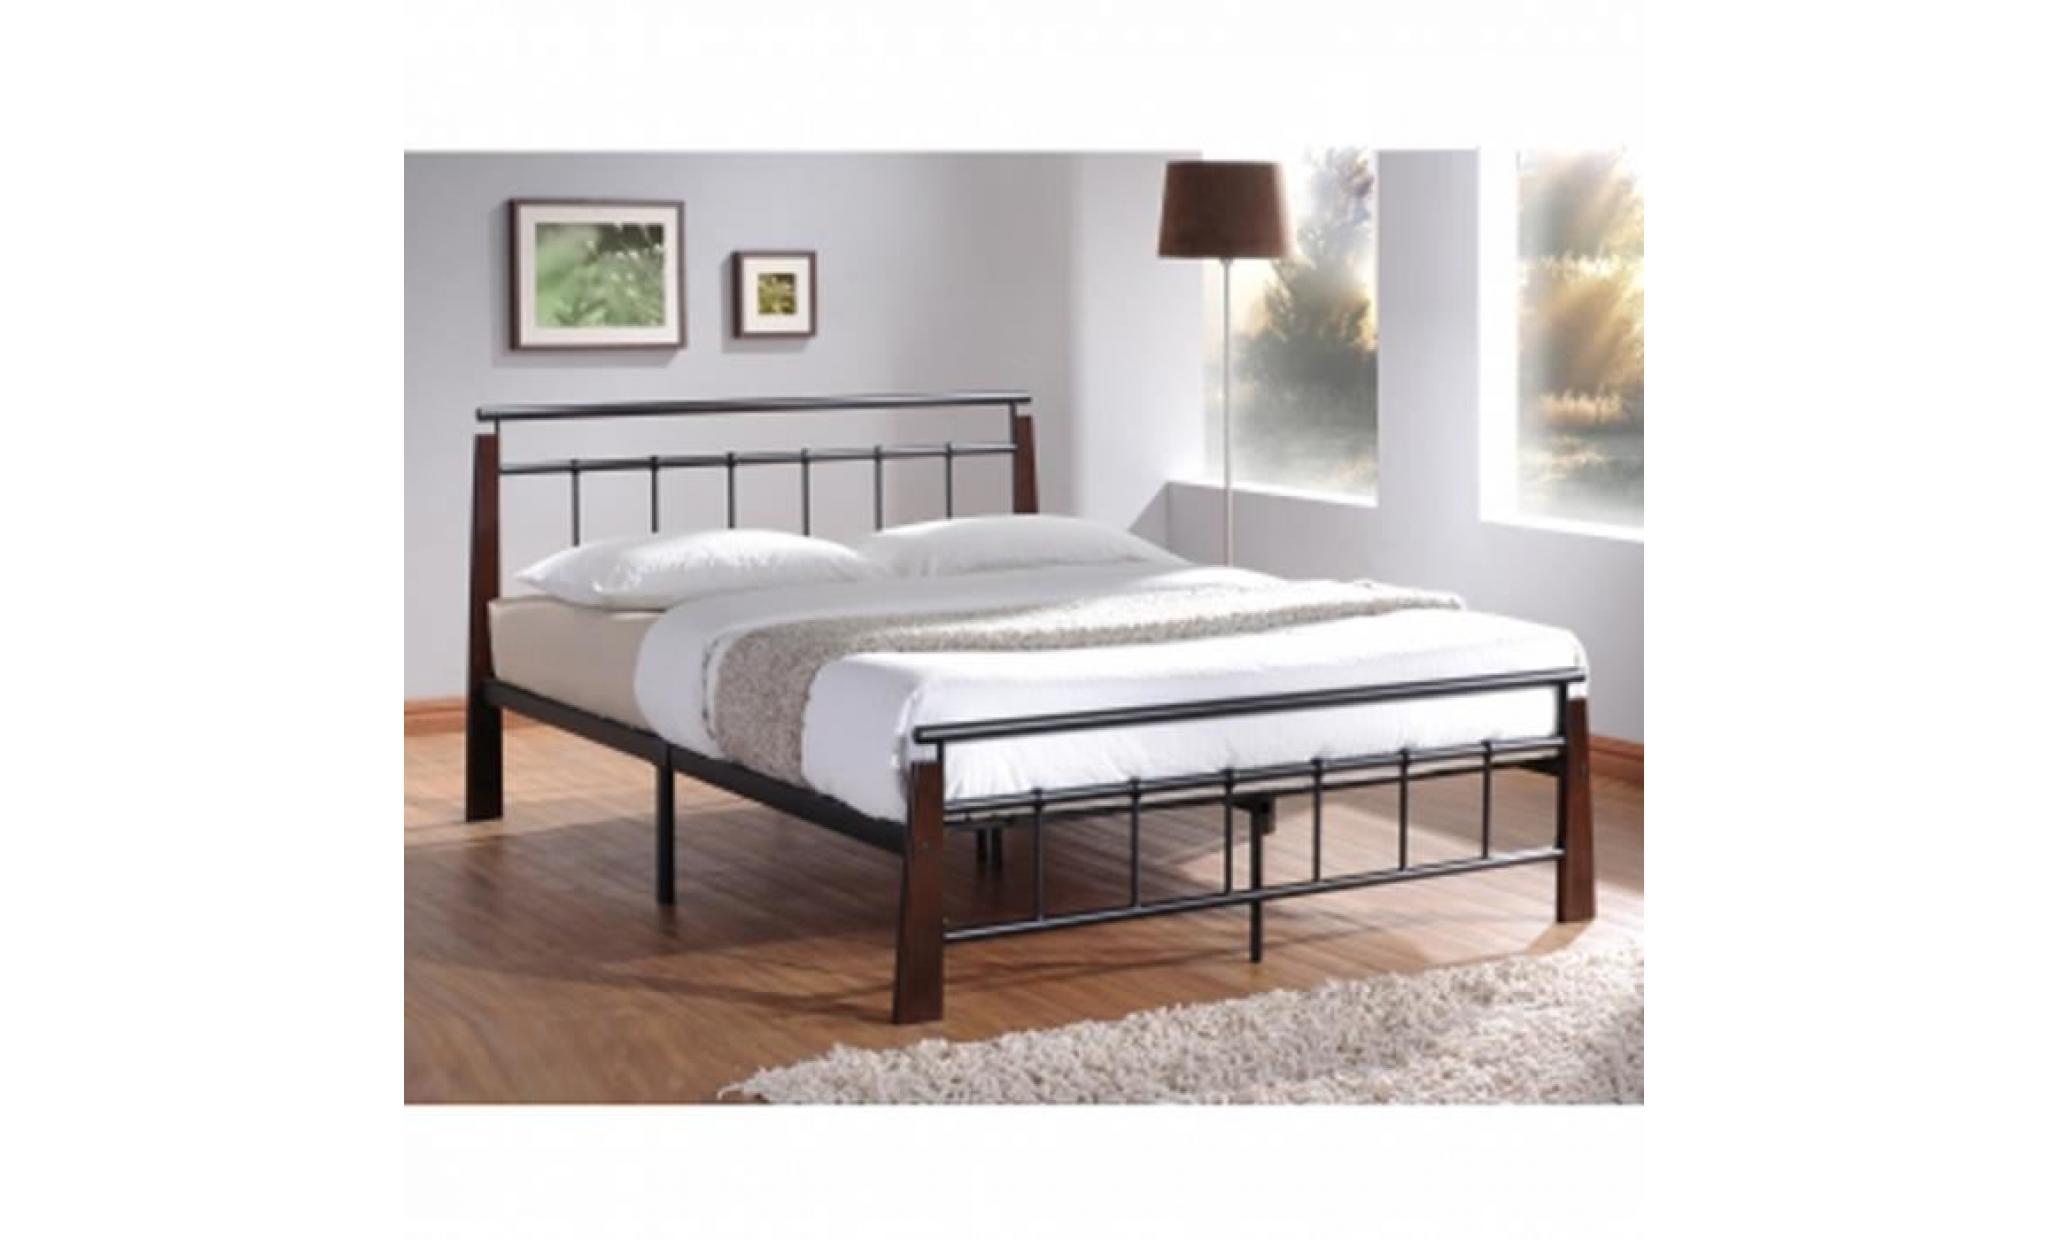 lit design en metal noir pieds de lit en bois achat vente lit pas cher couleur et design fr